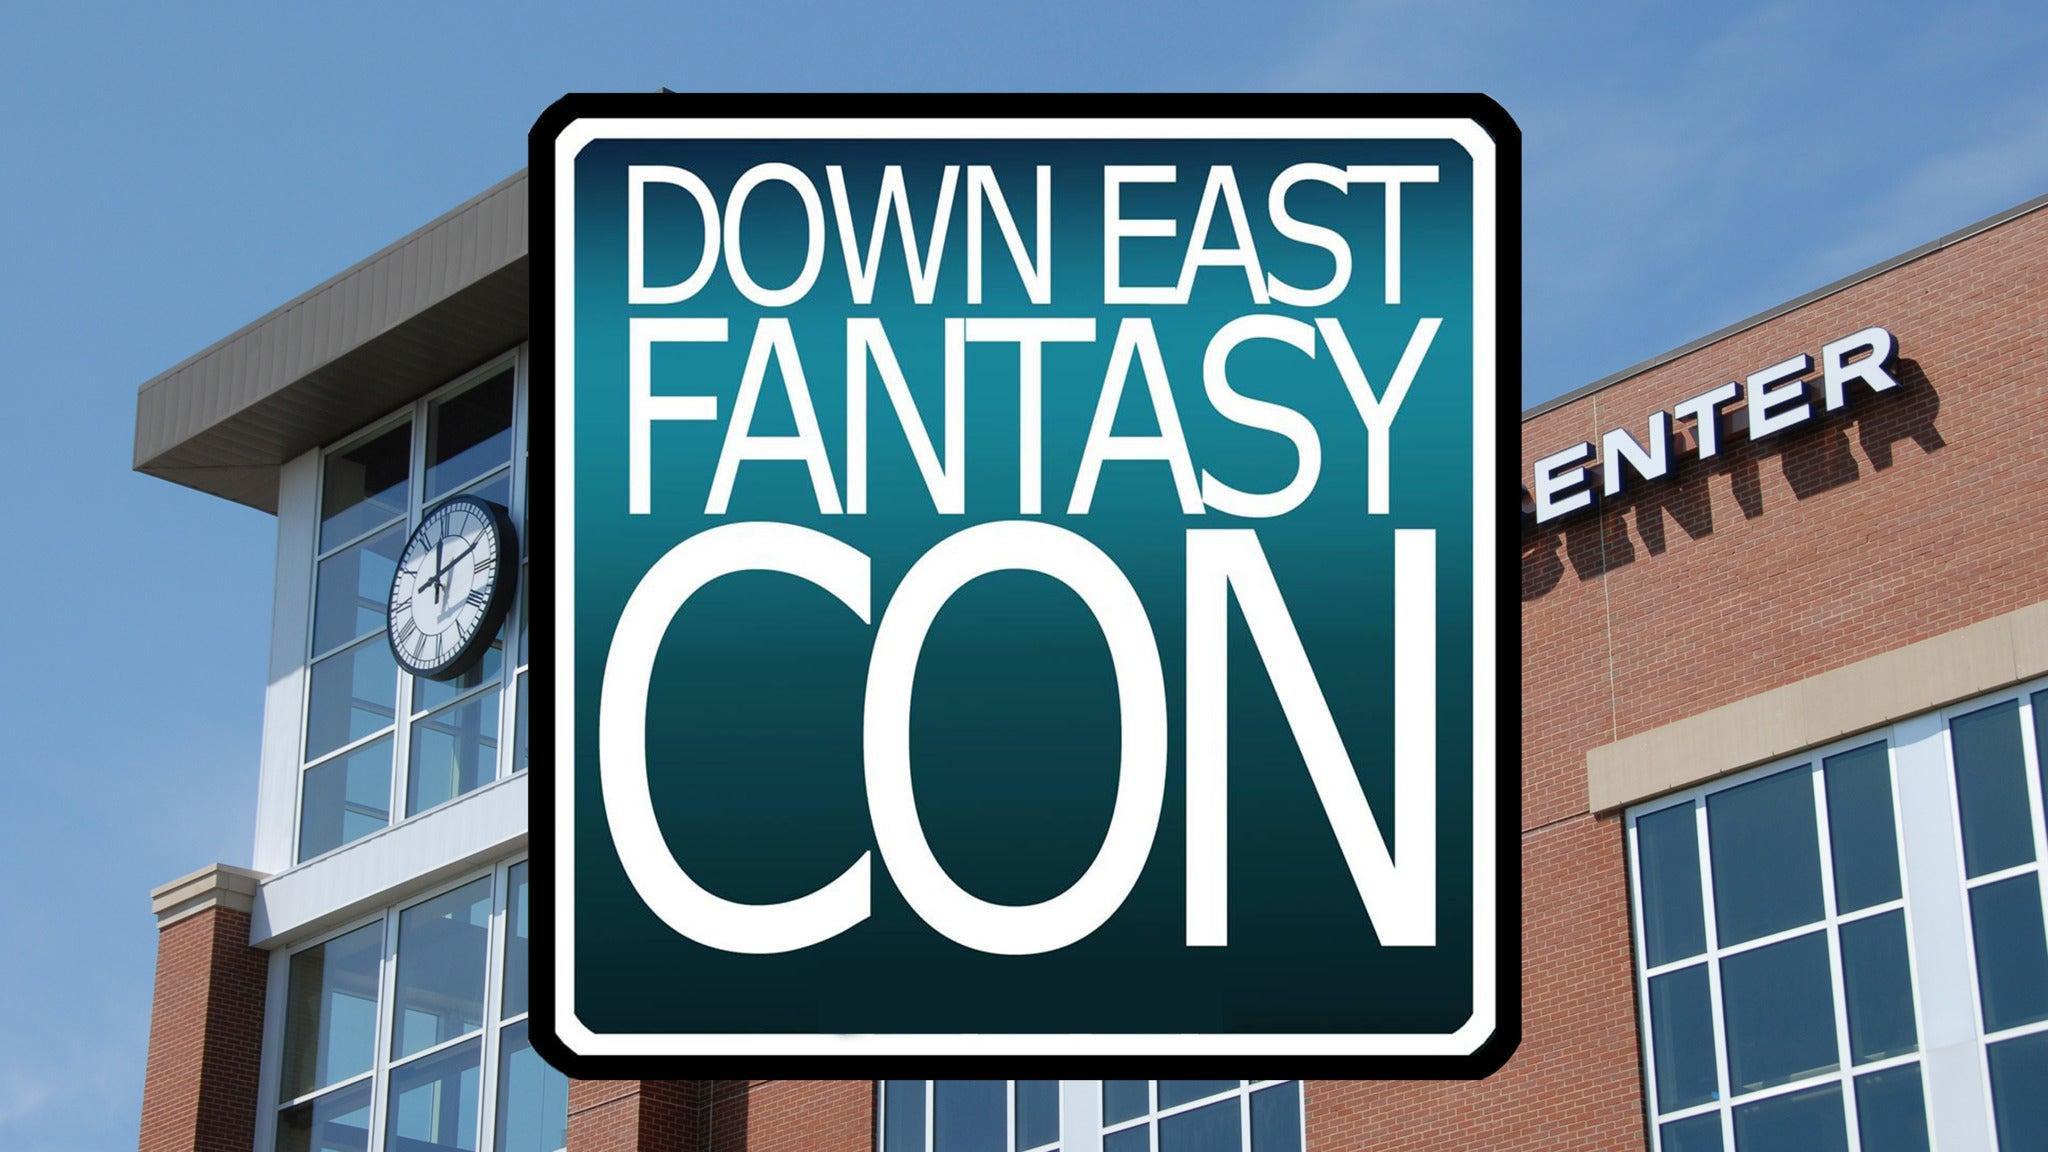 Down East Fantasy Con